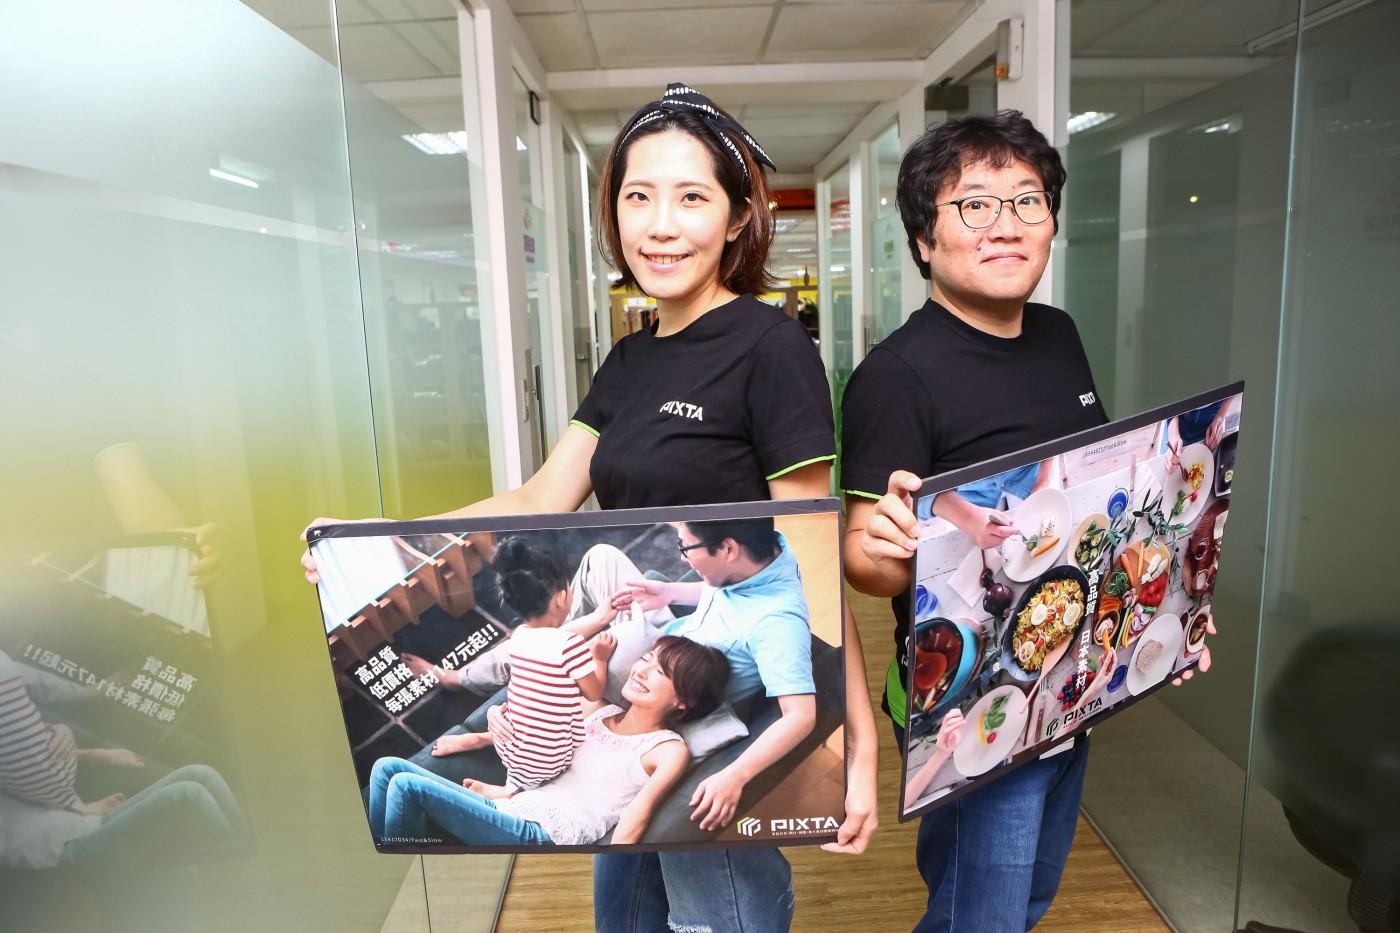 想用東方風格、亞洲臉孔的圖片素材?日本線上圖庫PIXTA要滿足全亞洲用戶的需求